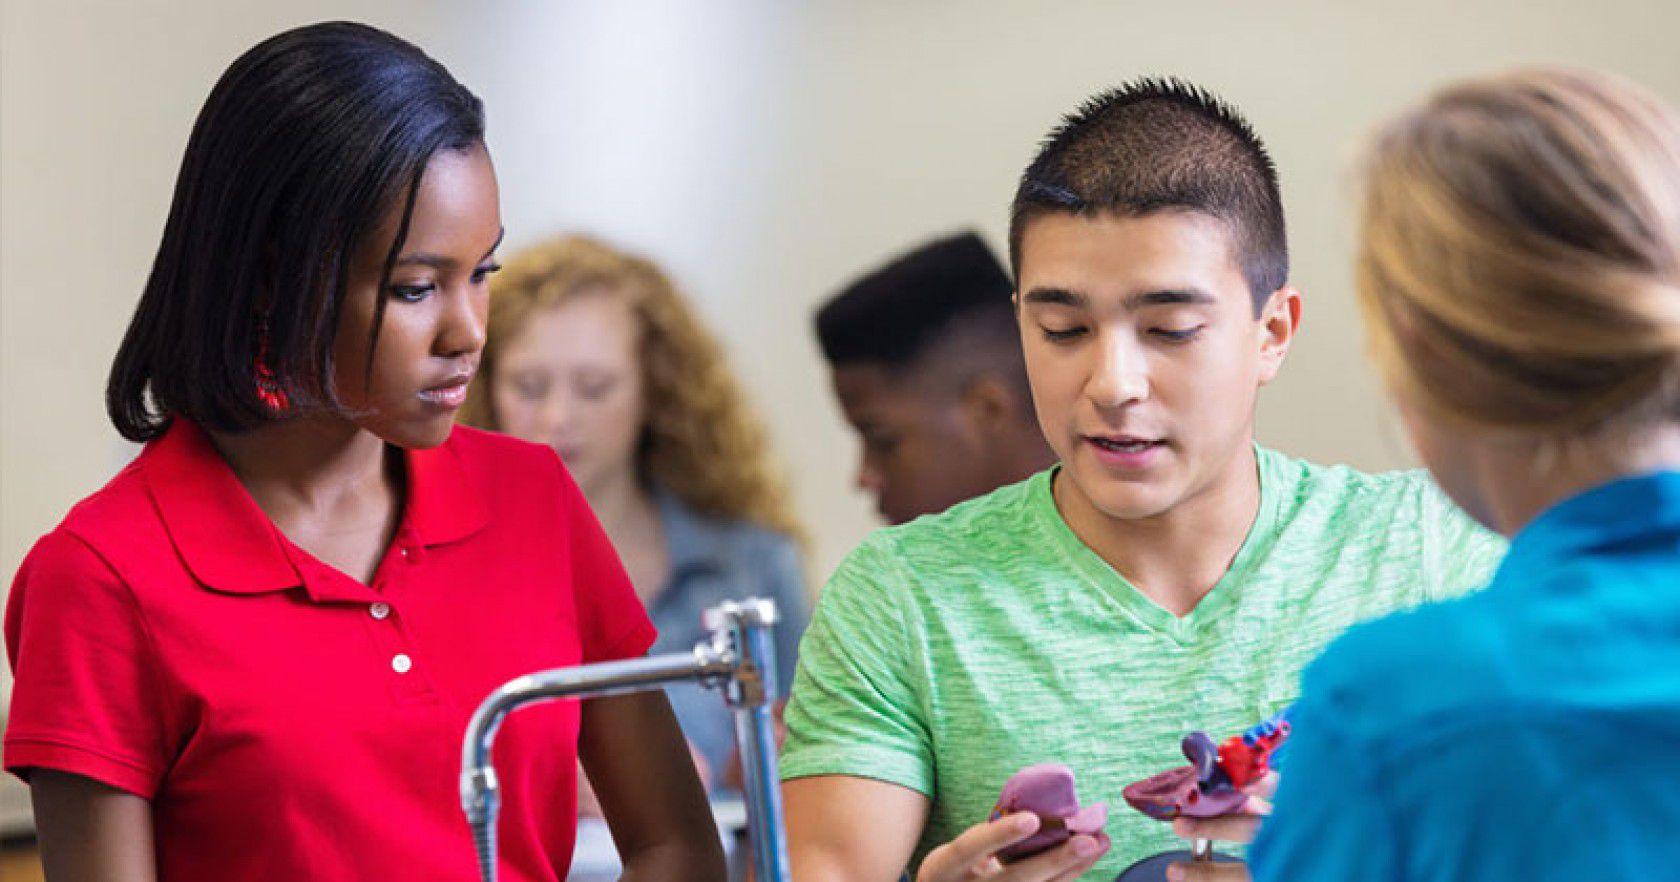 Kanada Liseleri Giriş Sınavı Hangileridir?